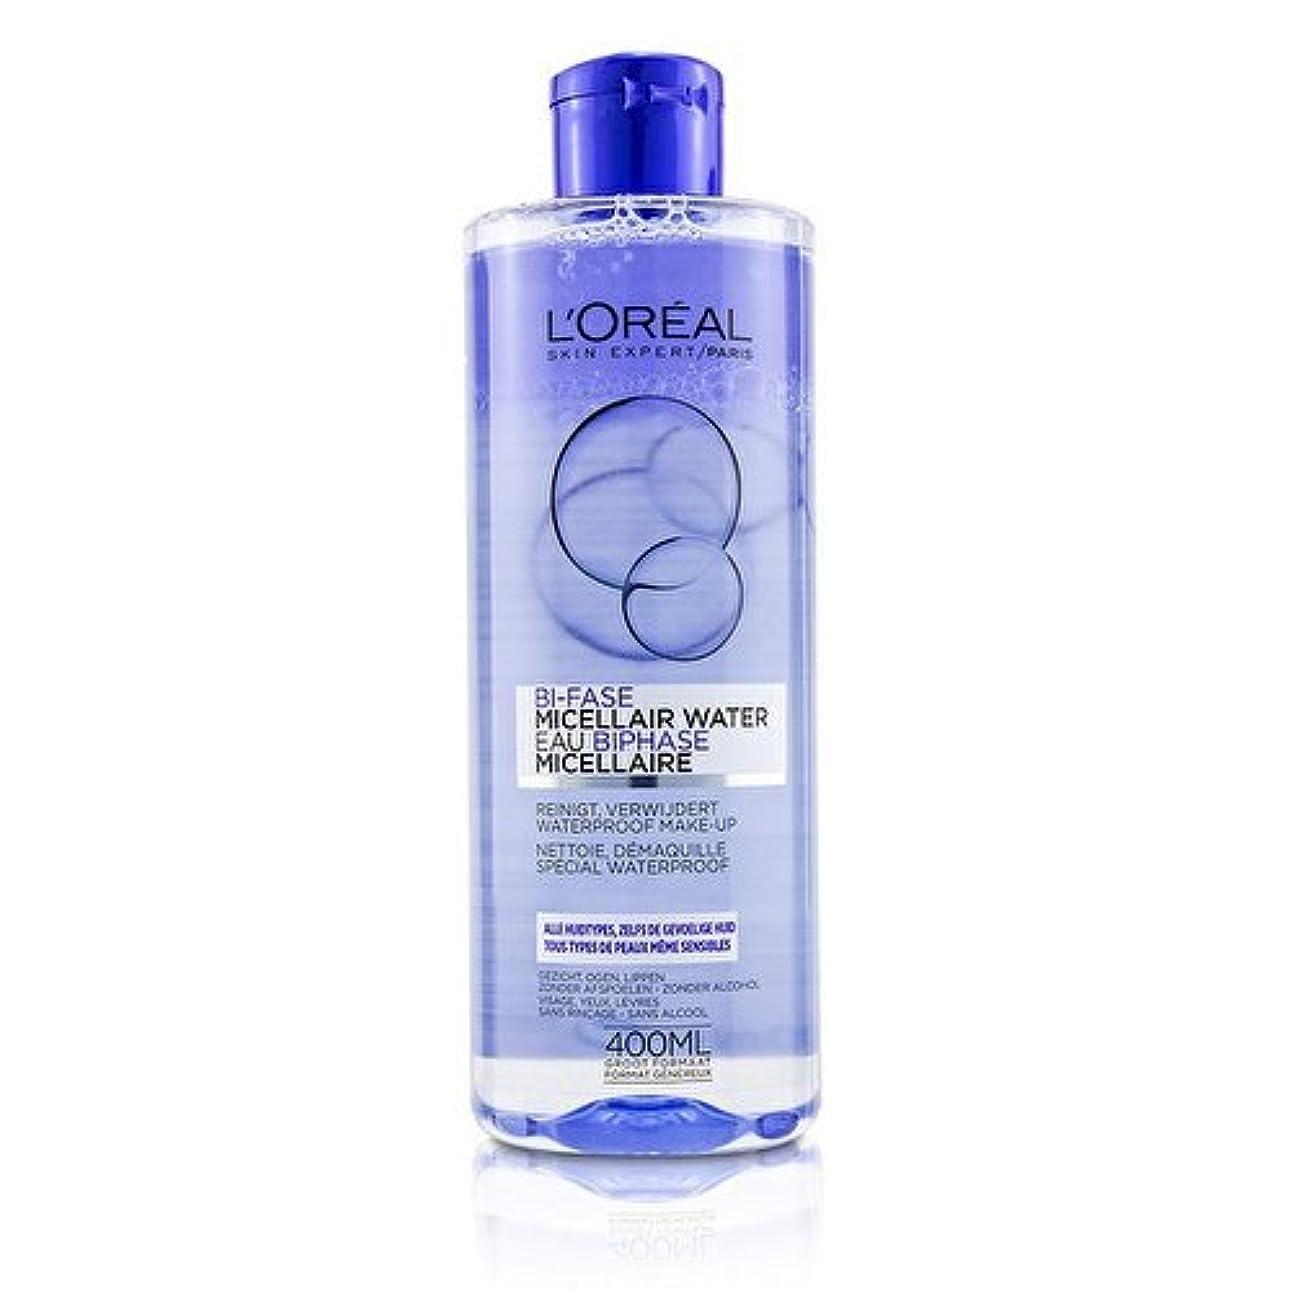 くそー乳剤ルームロレアル Bi-Phase Micellar Water (Bi-Fase Micellair Water) - For All Skin Types, even Sensitive Skin 400ml/13.3oz並行輸入品